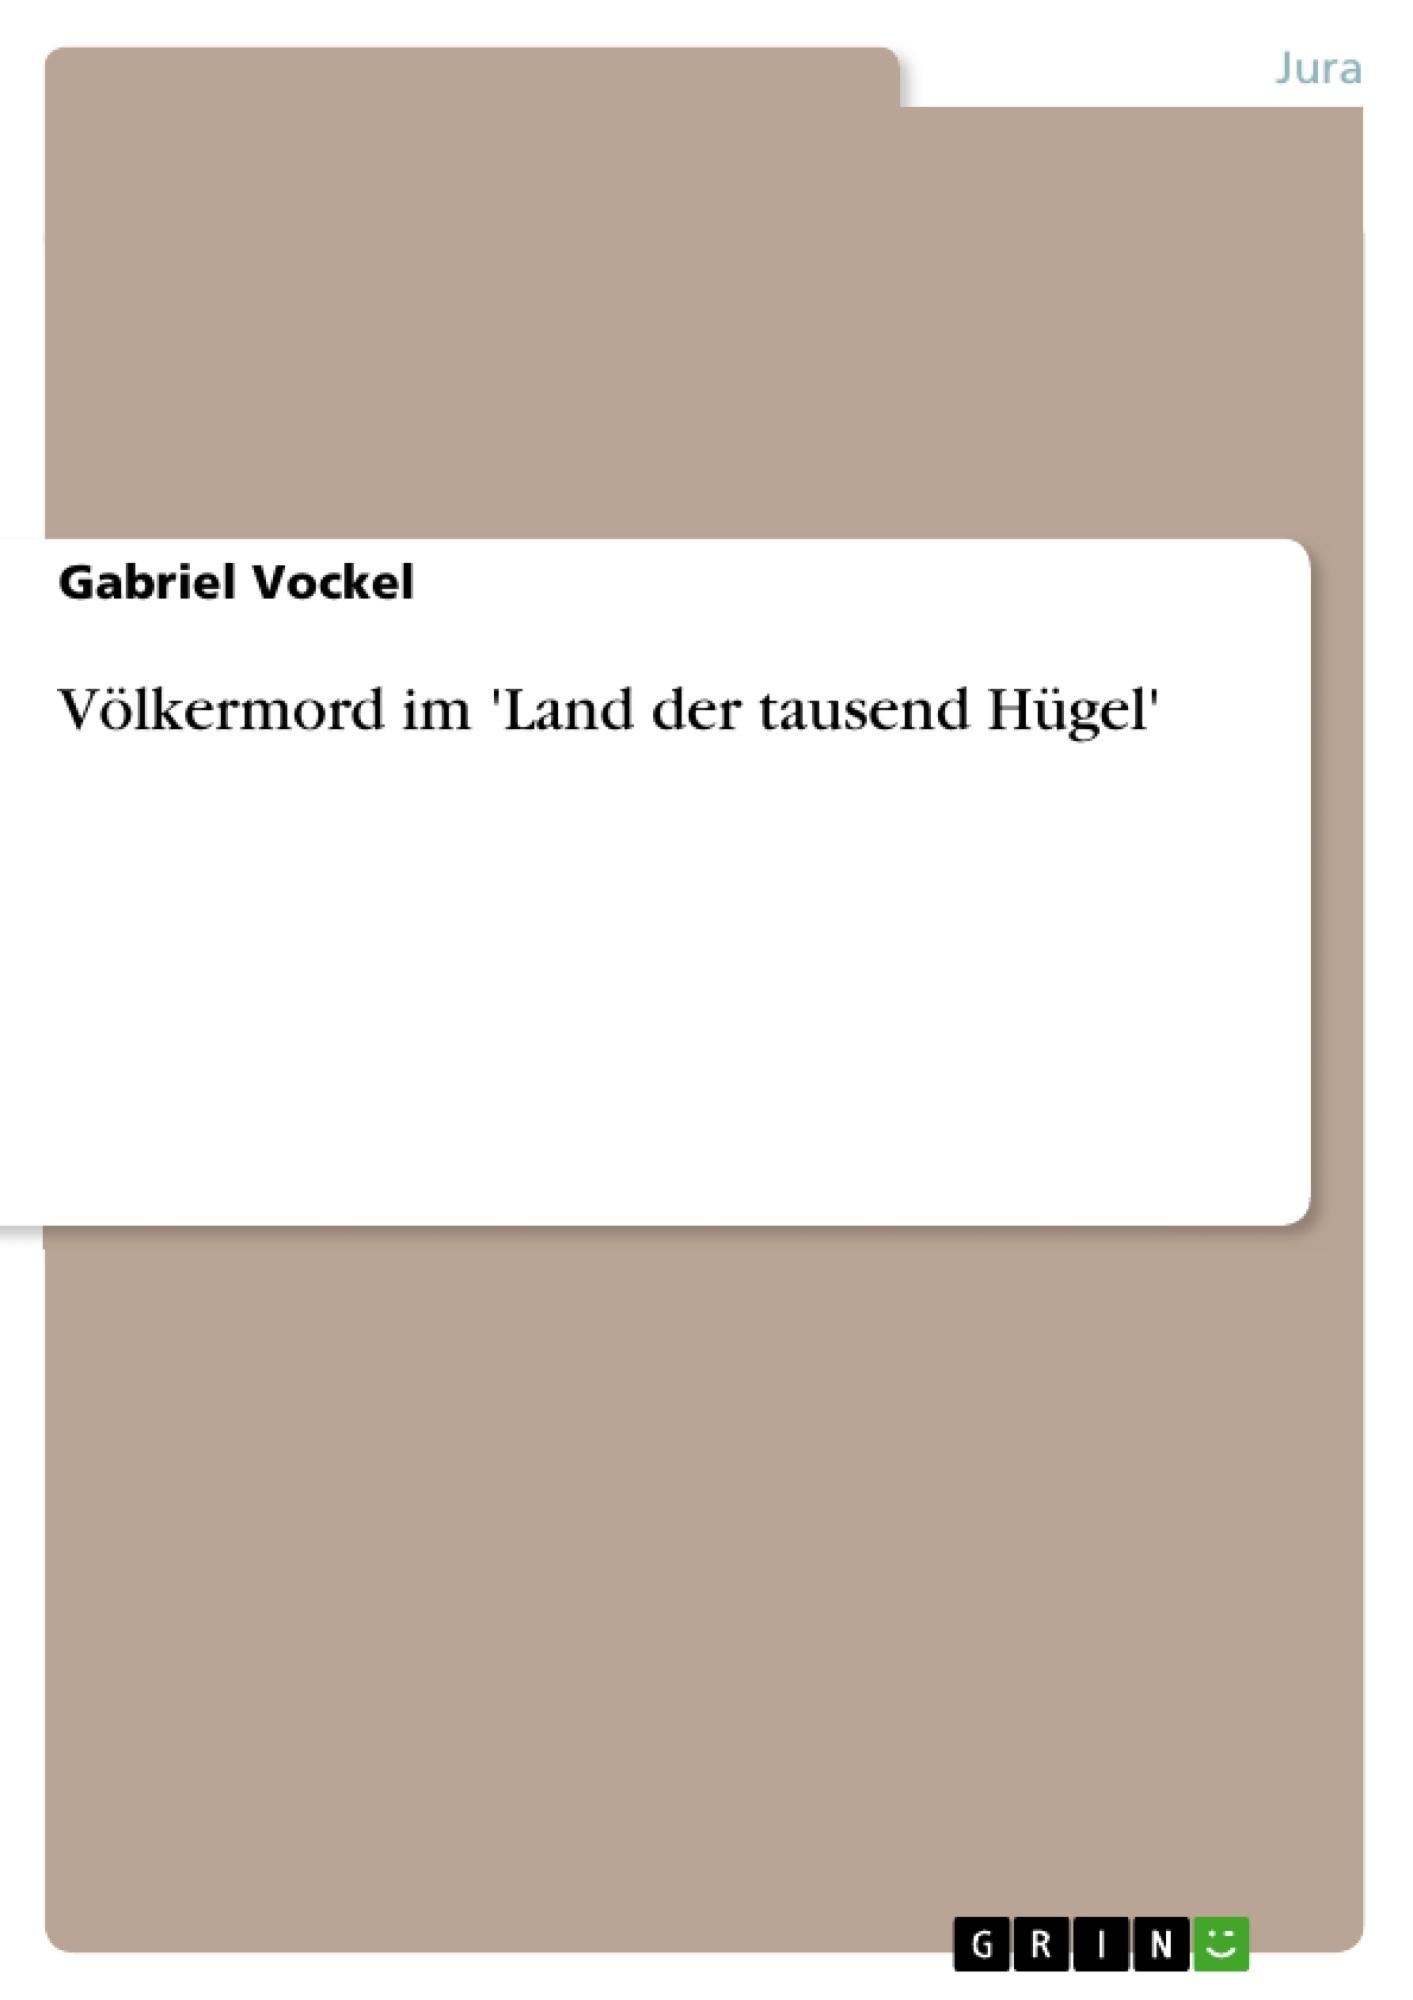 Titel: Völkermord im 'Land der tausend Hügel'